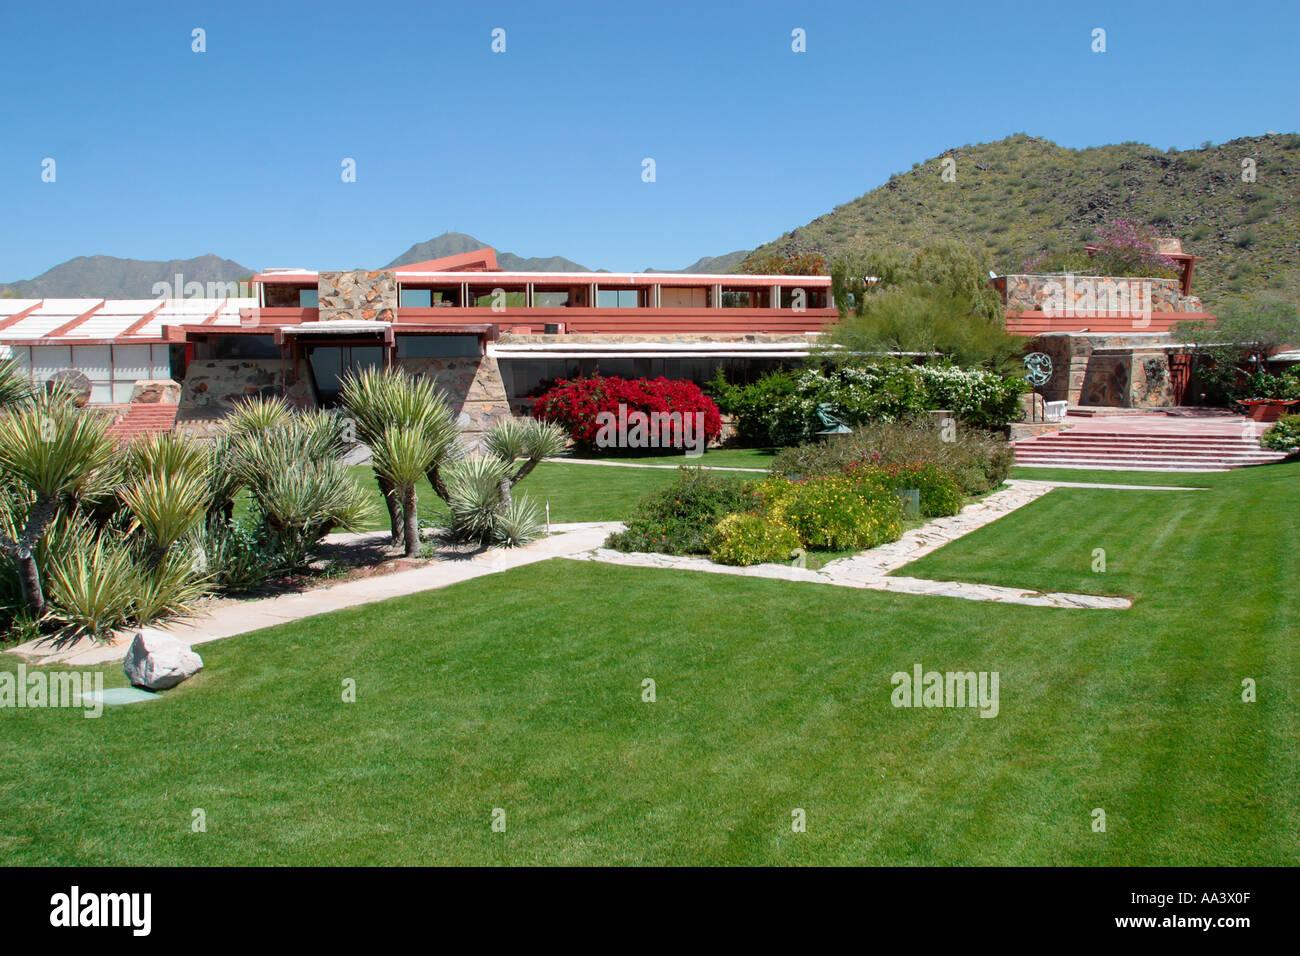 Taliesin West architetto Frank Lloyd Wright s Studio e Home Scottsdale Arizona iniziata la costruzione 1937 Immagini Stock